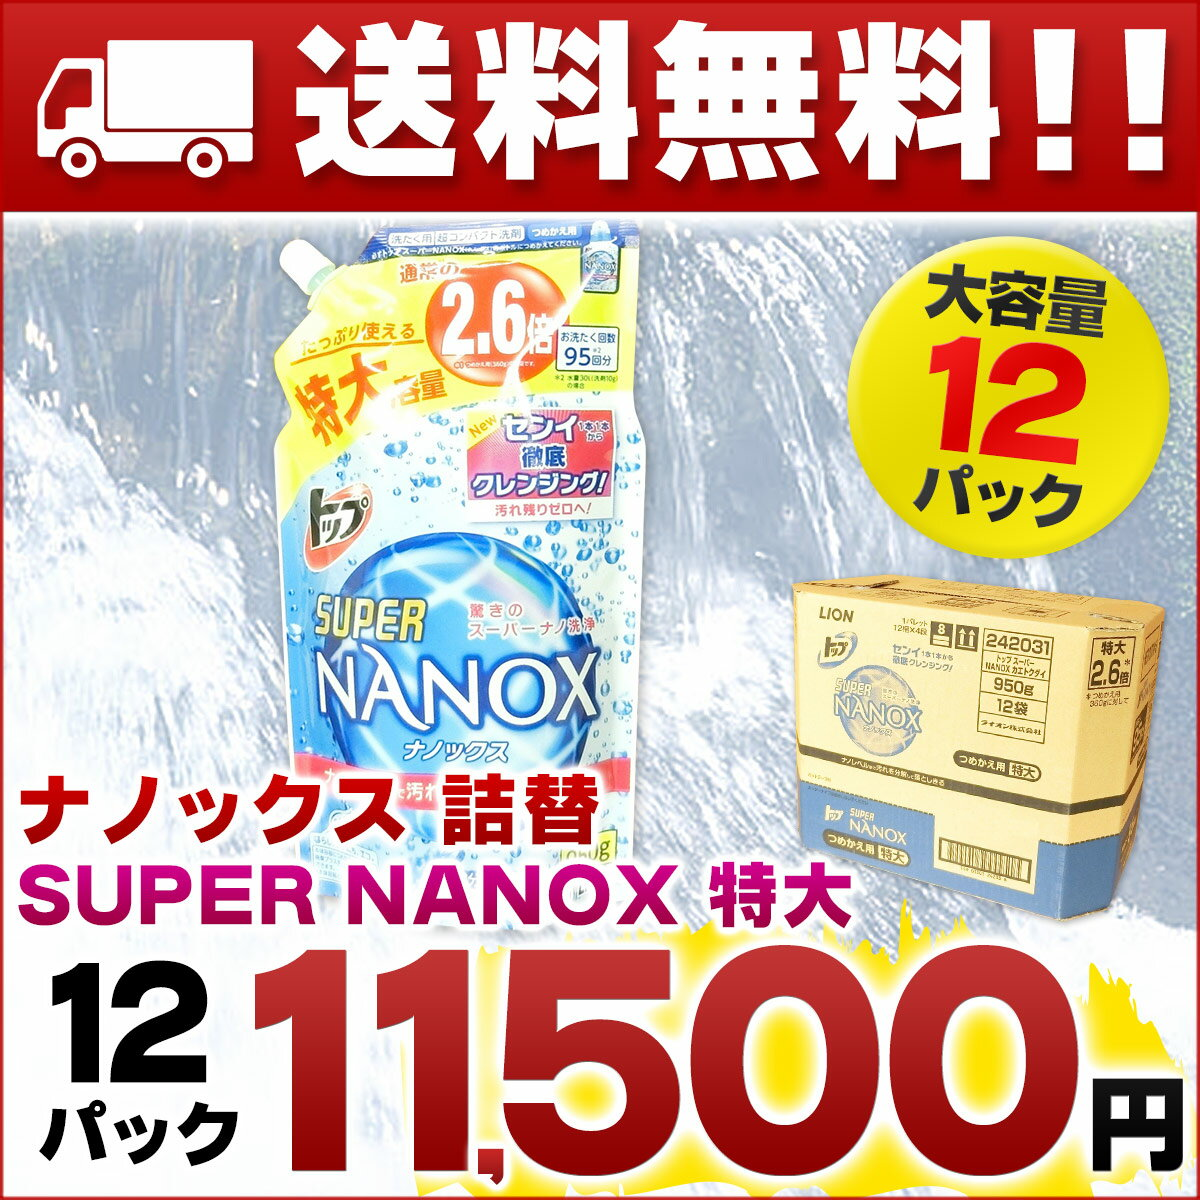 【送料無料】SUPER NANOX スーパー ナノックス つめかえ用 950g × 12パック 【ライオン 詰替 洗剤】【箱買い 特大 トップ】【仕入れ ケース売り まとめ買い】【4903301242031 詰め替え 2.6倍】【中性 洗たく用】【242031】【smtb-td】